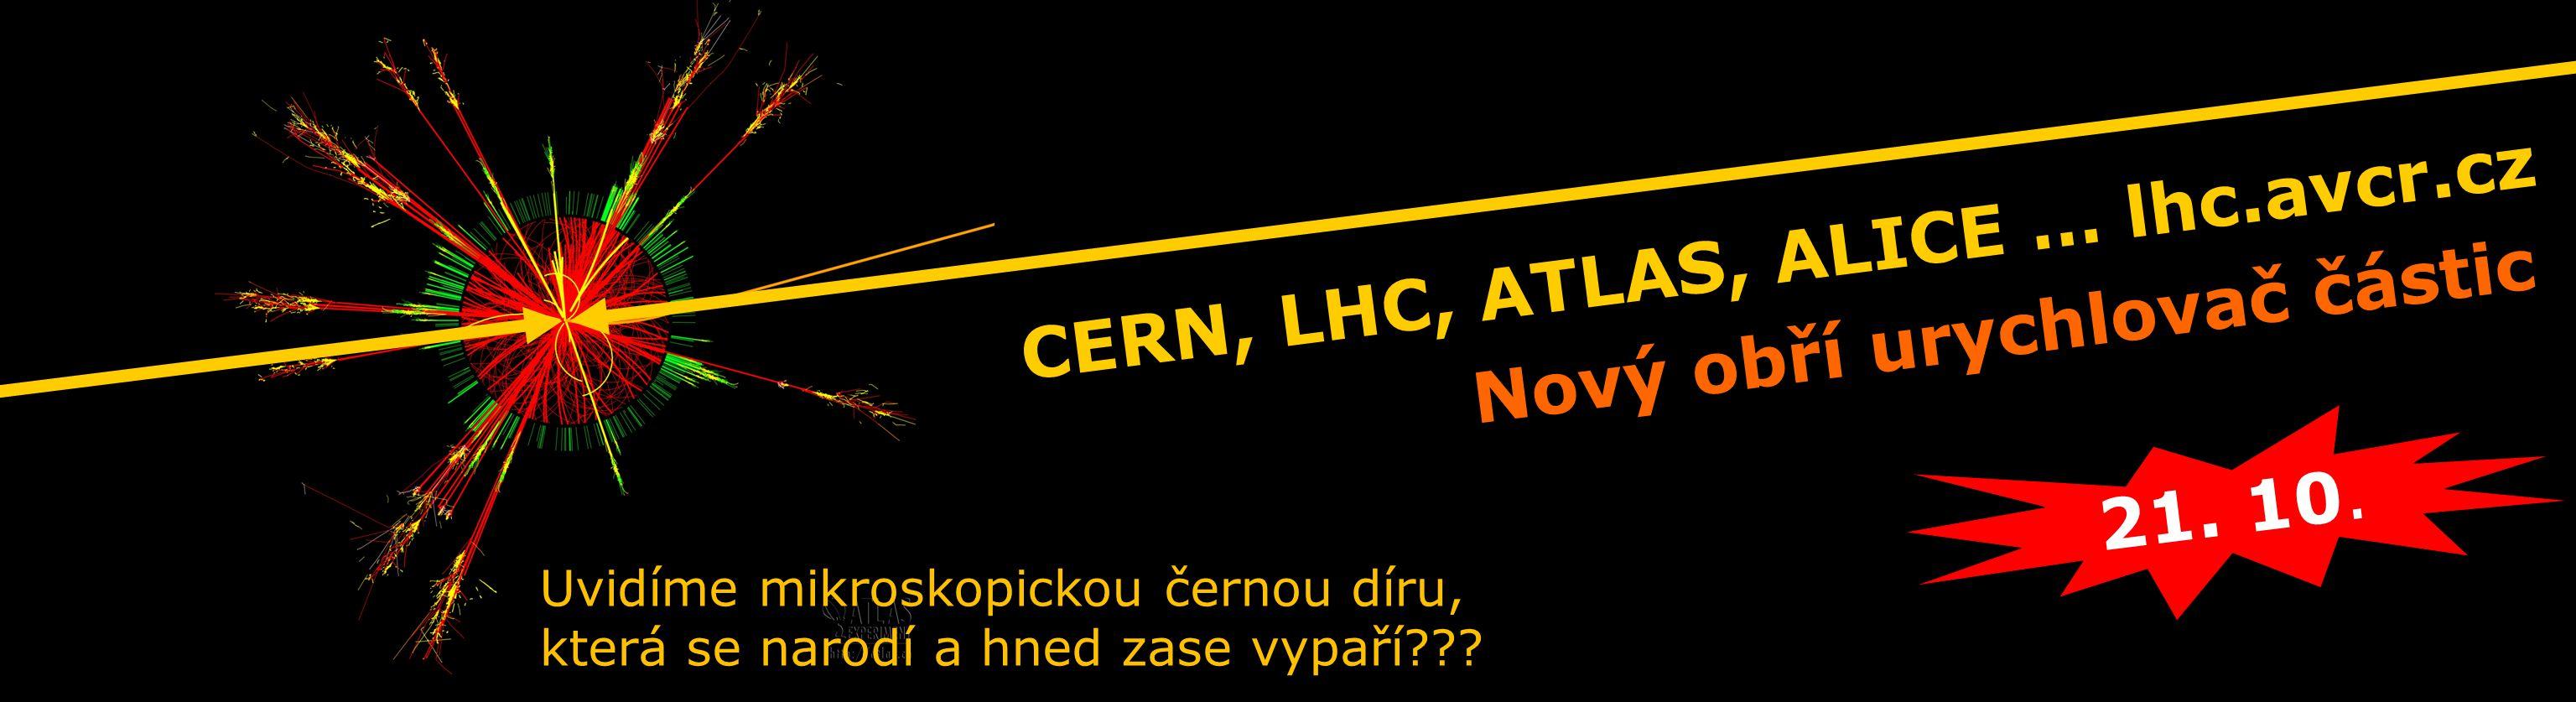 Uvidíme konečně Higgsův boson??.CERN, LHC, ATLAS, ALICE … lhc.avcr.cz 21.